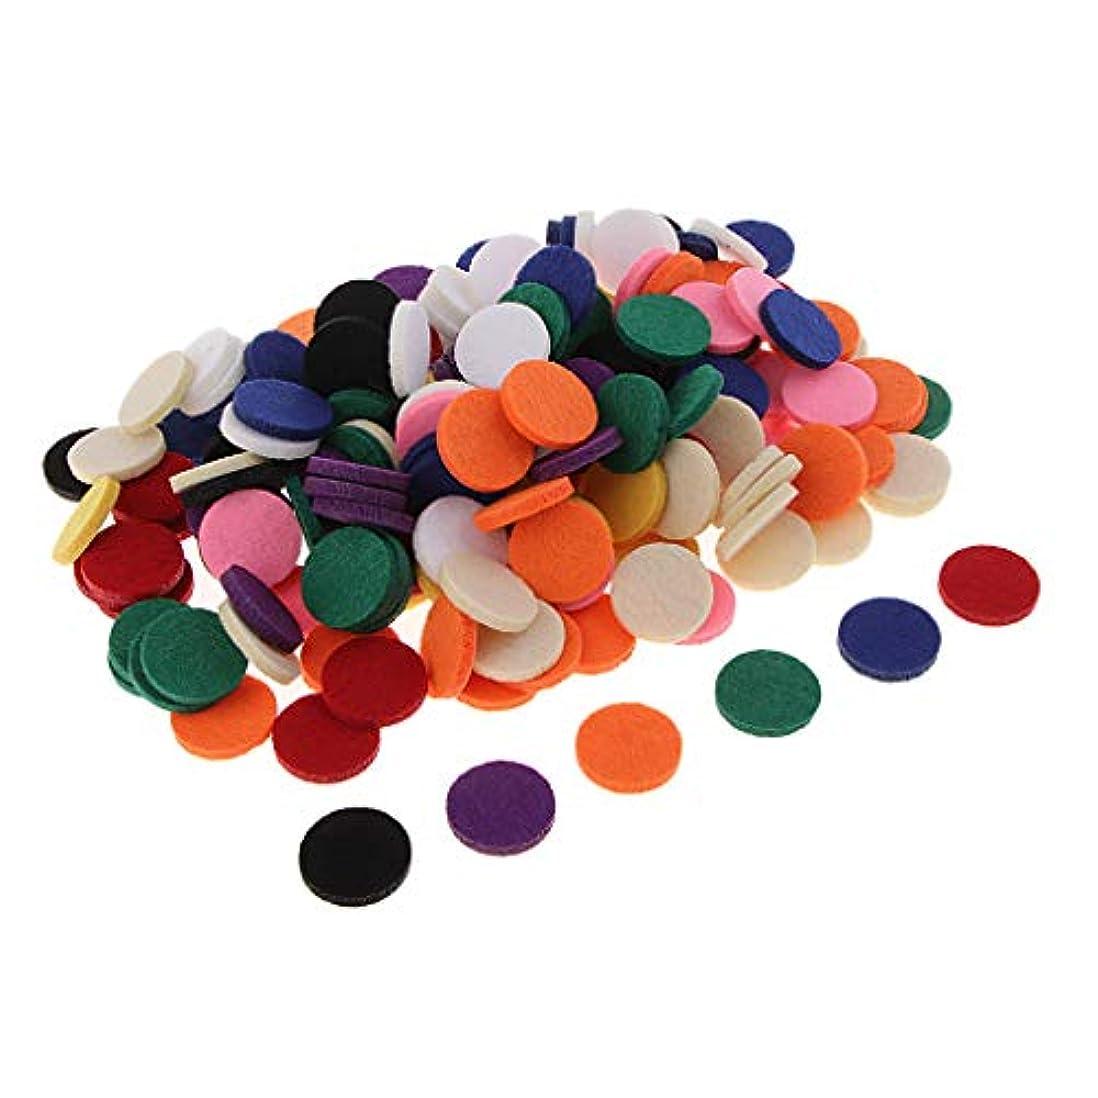 終わりつばメイトアロマオイルパッド ディフューザー パッド アロマパッド 詰め替えパッド 交換用 全11色 - 混在